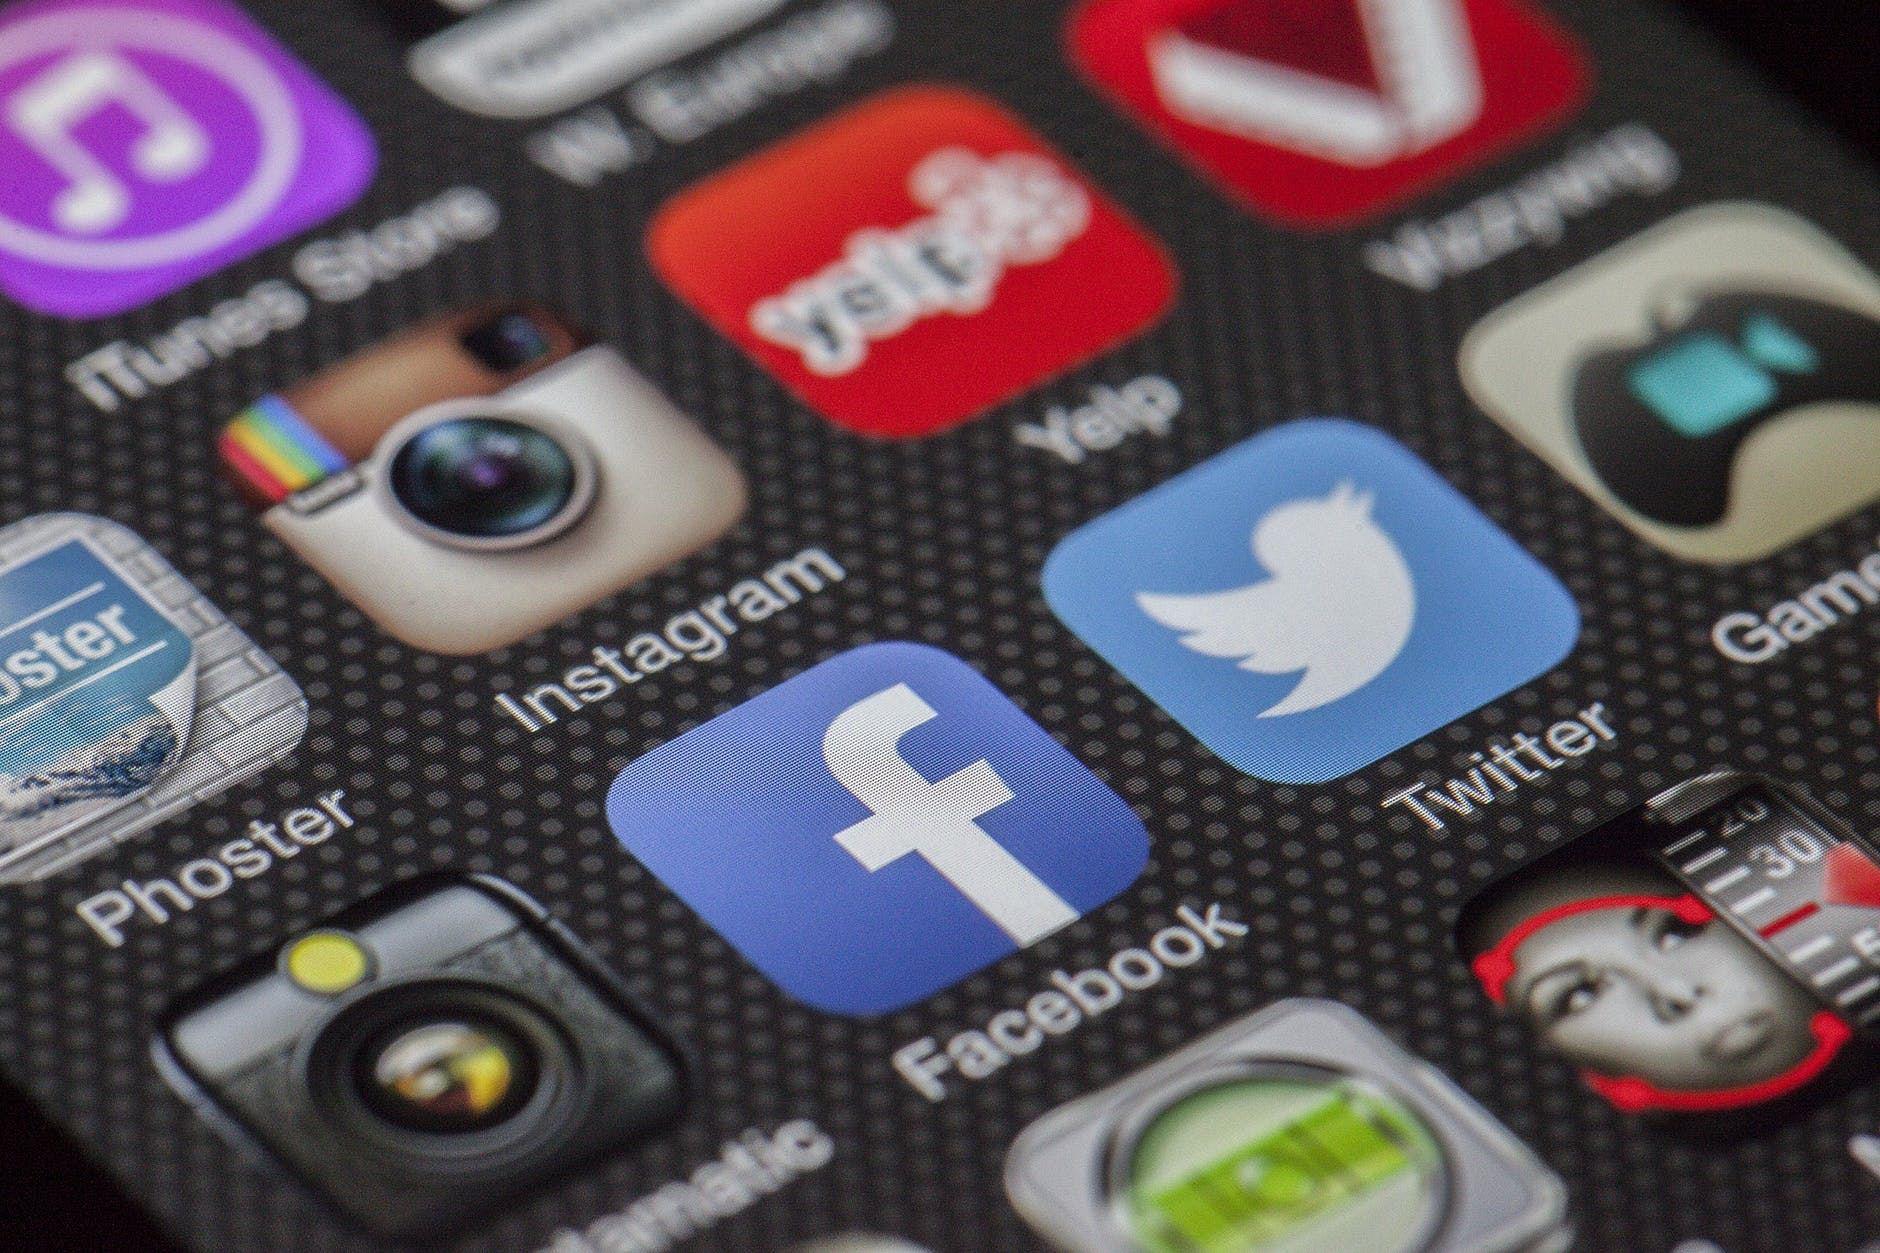 peguam ini ajar 5 langkah nak buat kalau kena fitnah di media sosial